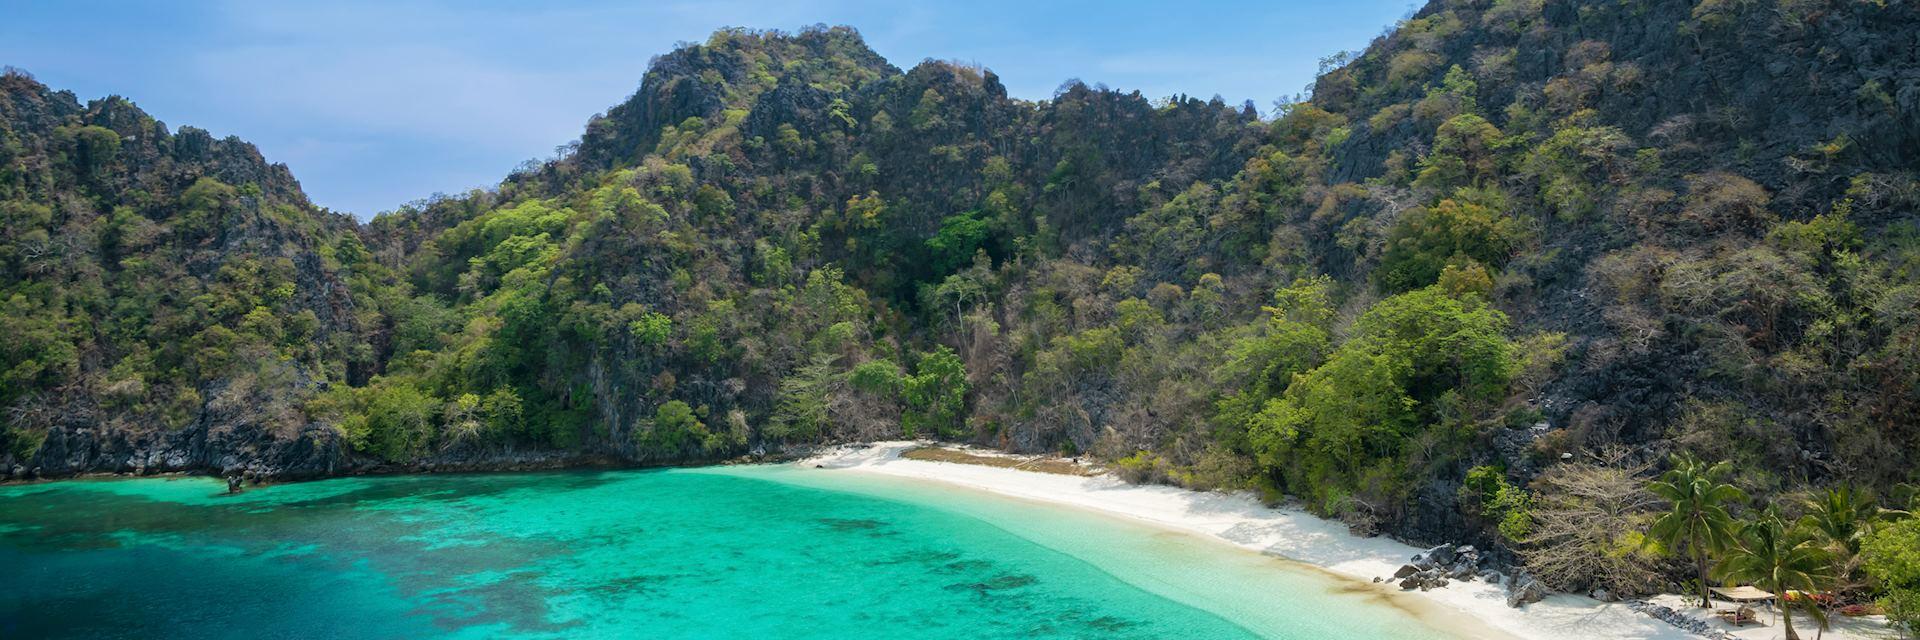 Beach on Horseshoe Island, Myanmar